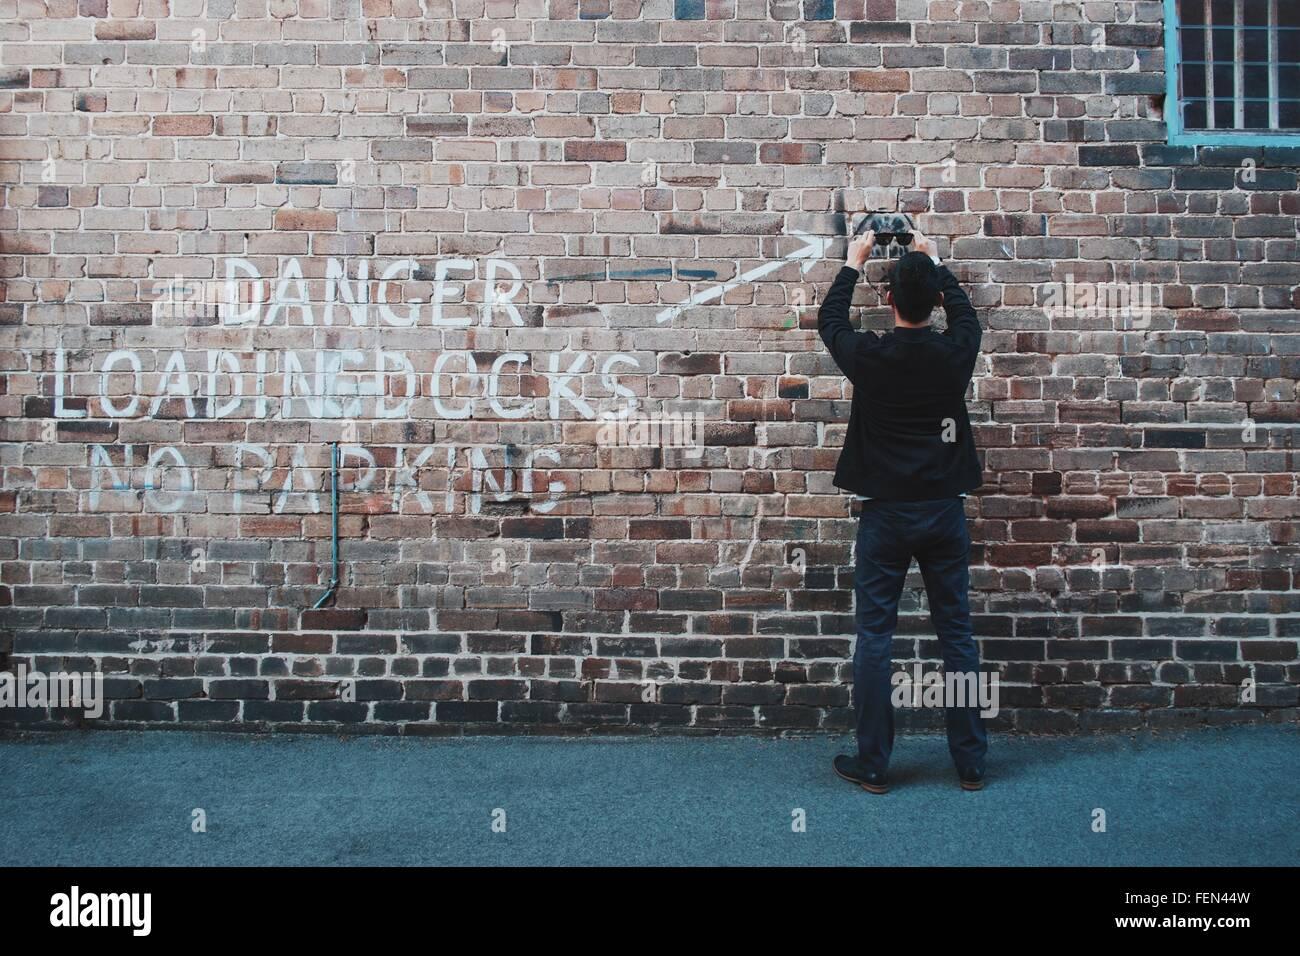 Man Holding Sunglasses en face de mur de brique Photo Stock